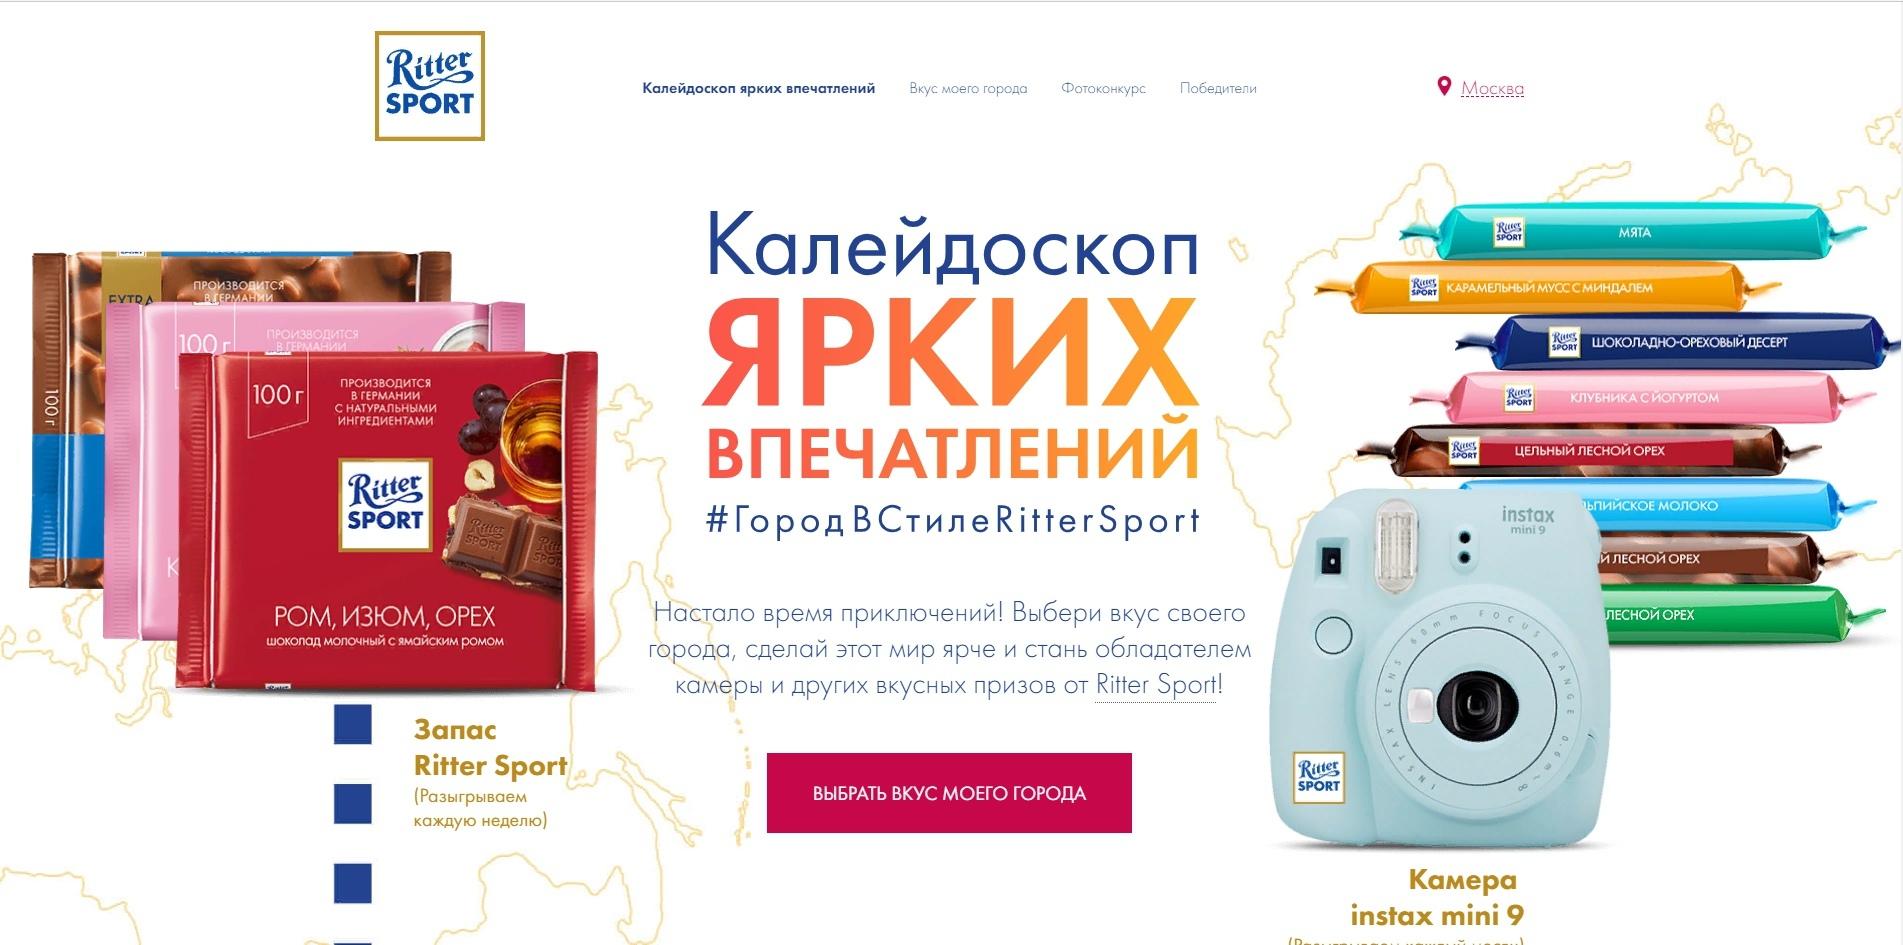 www.karta-vkusov-ritter-sport.ru акция 2019 года